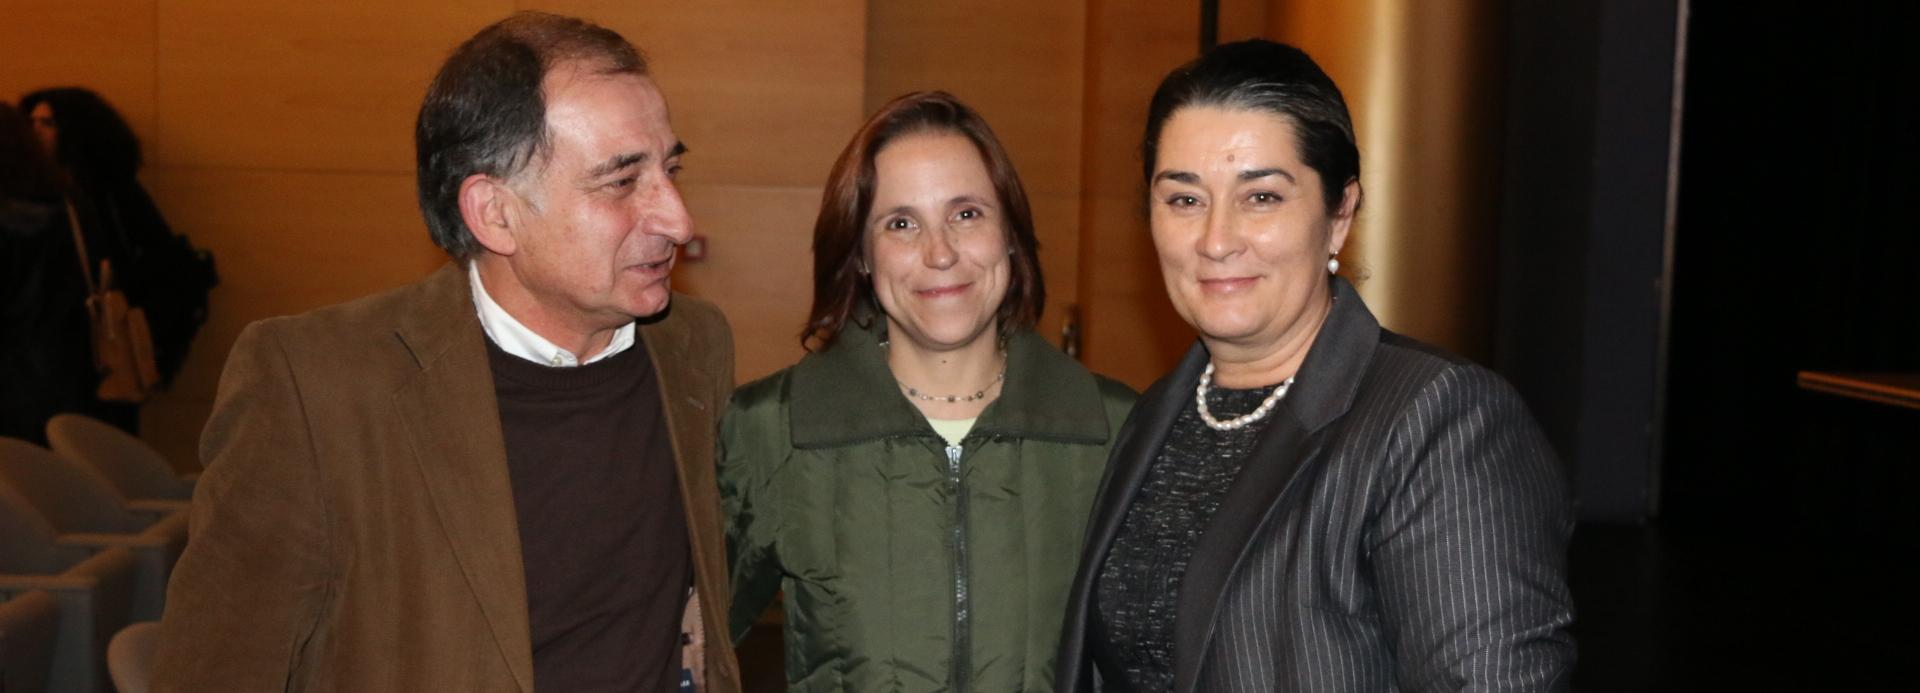 Cabral Pinto e Ágata Rodrigues recordaram José Rodrigues